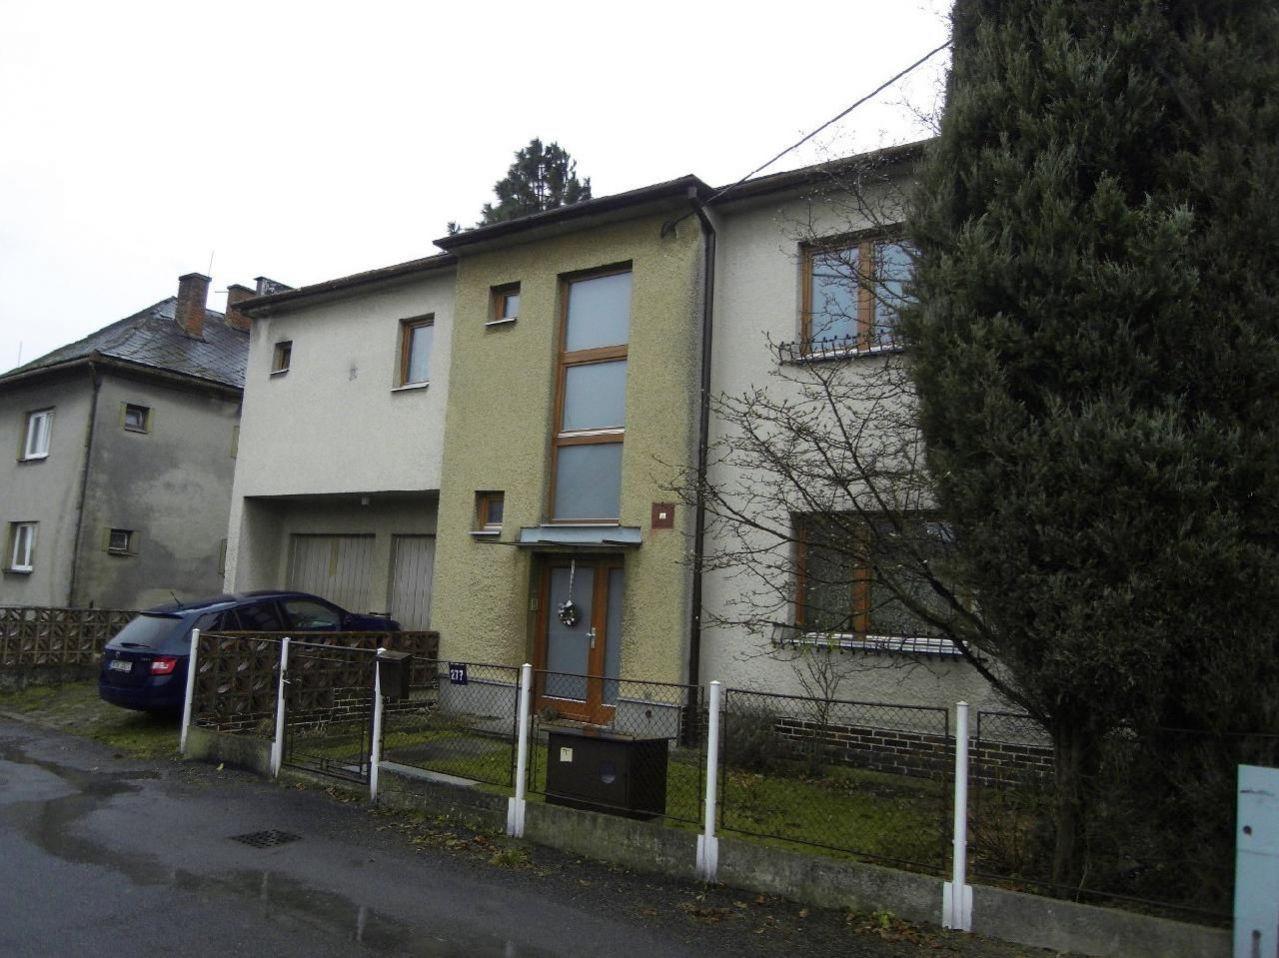 E-aukce rodinného domu, ideální spoluvlastnický podíl o velikosti , kat. území Velká Polom, okres Os